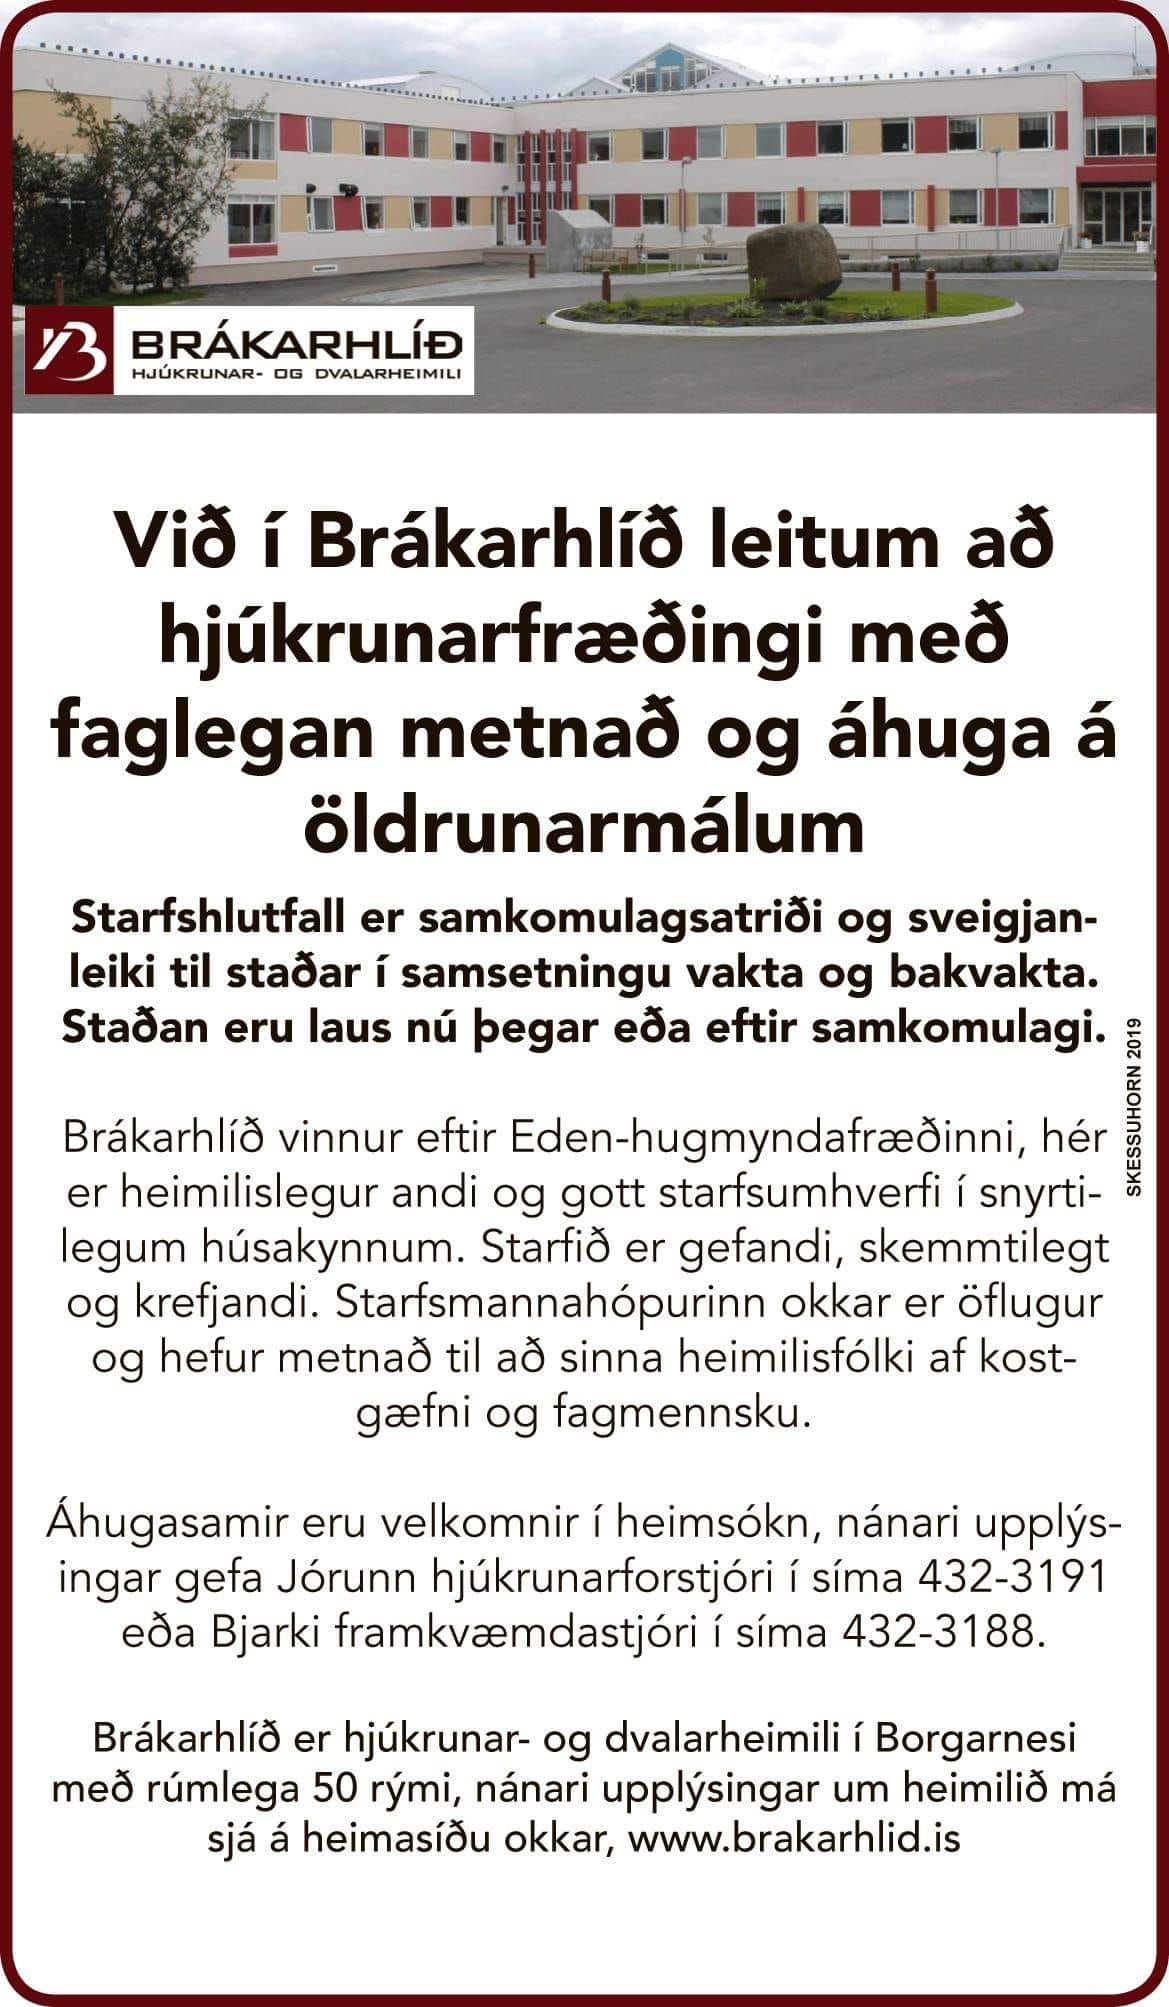 Kæru vinir, í Skessuhorni vikunnar er starfsauglýsing frá okkur í Brákarhlíð sem...